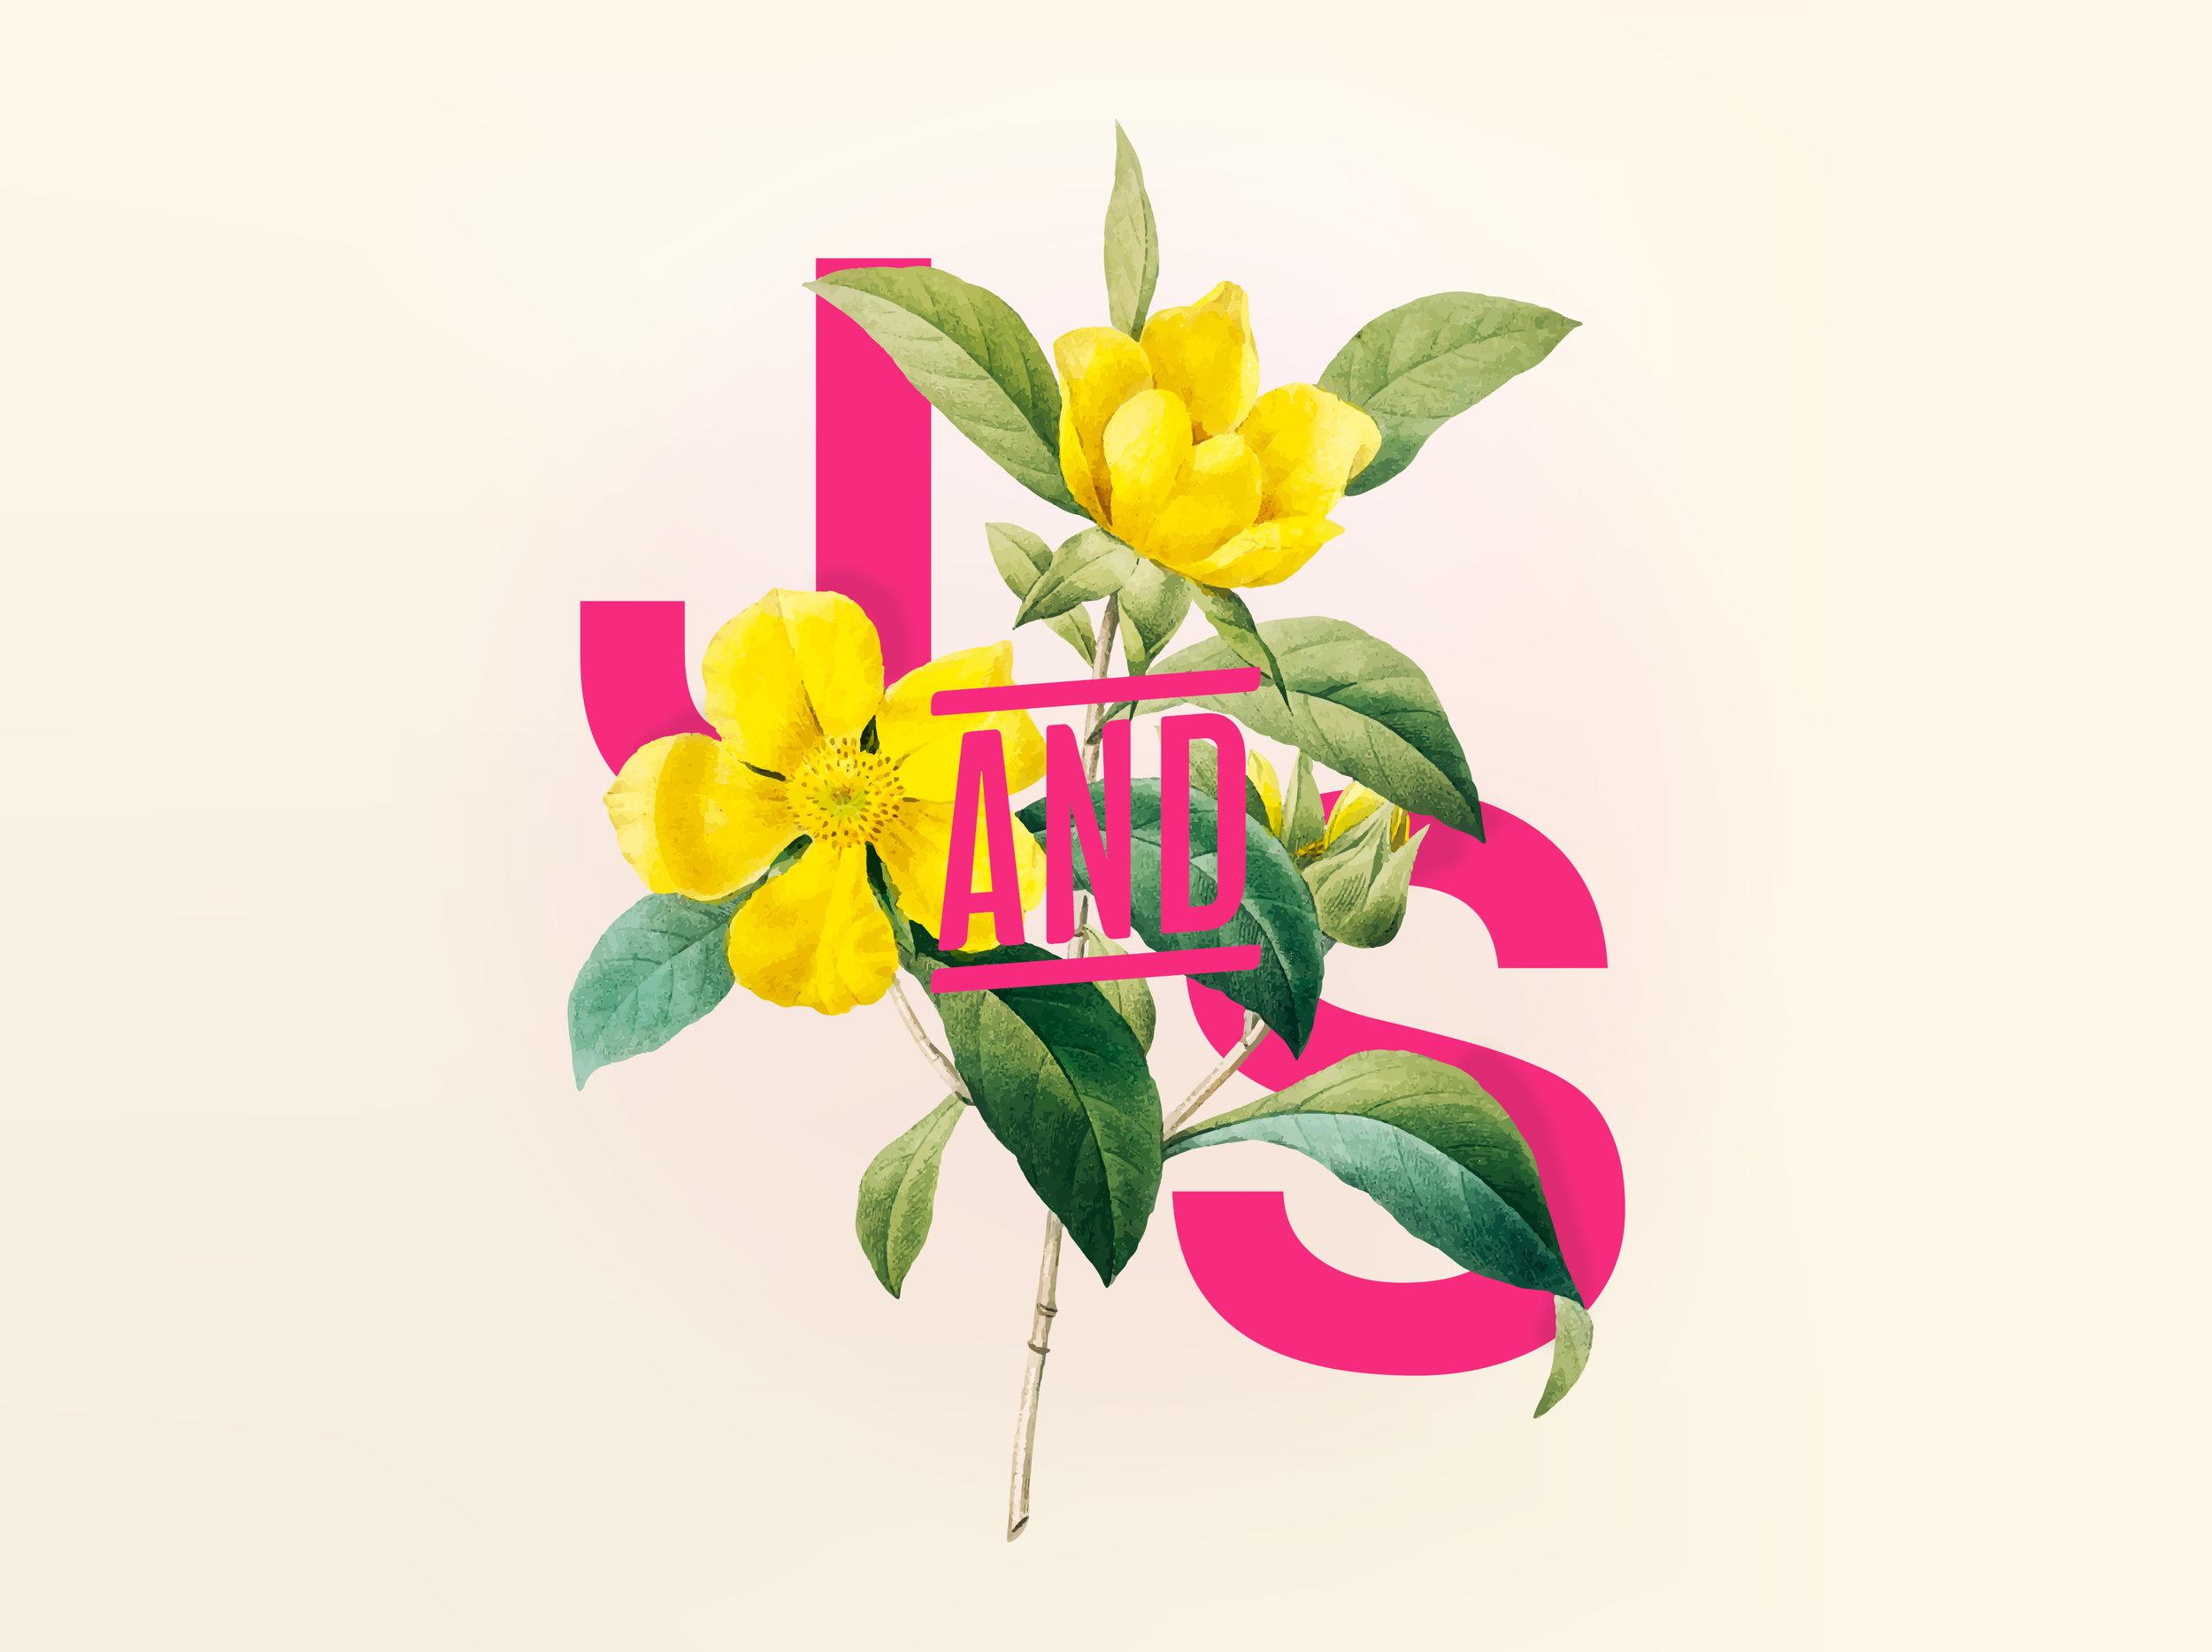 Flower_Initials.jpg